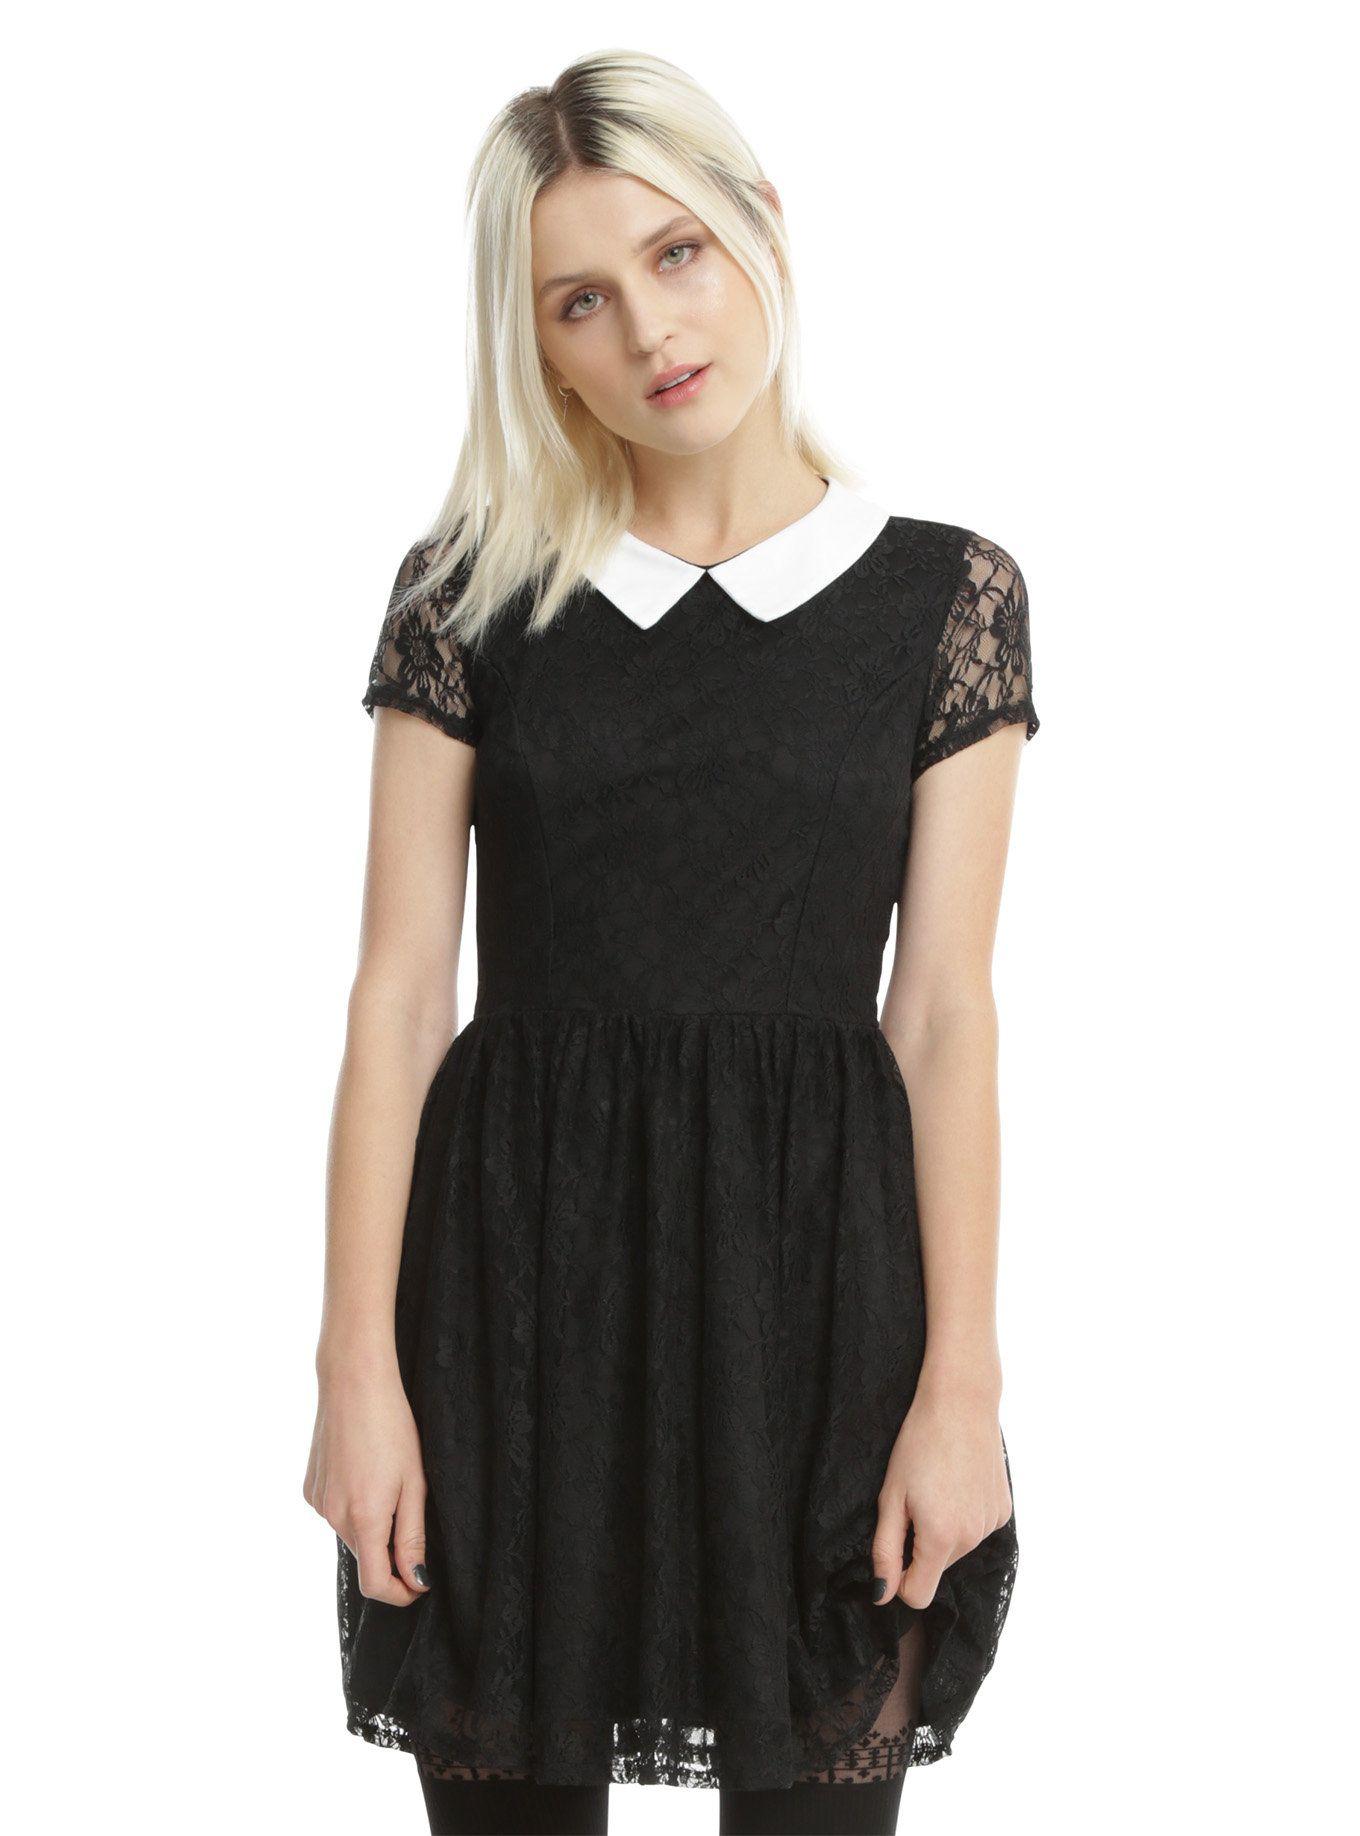 d7df29723d0 black lace dress with white collar – Little Black Dress